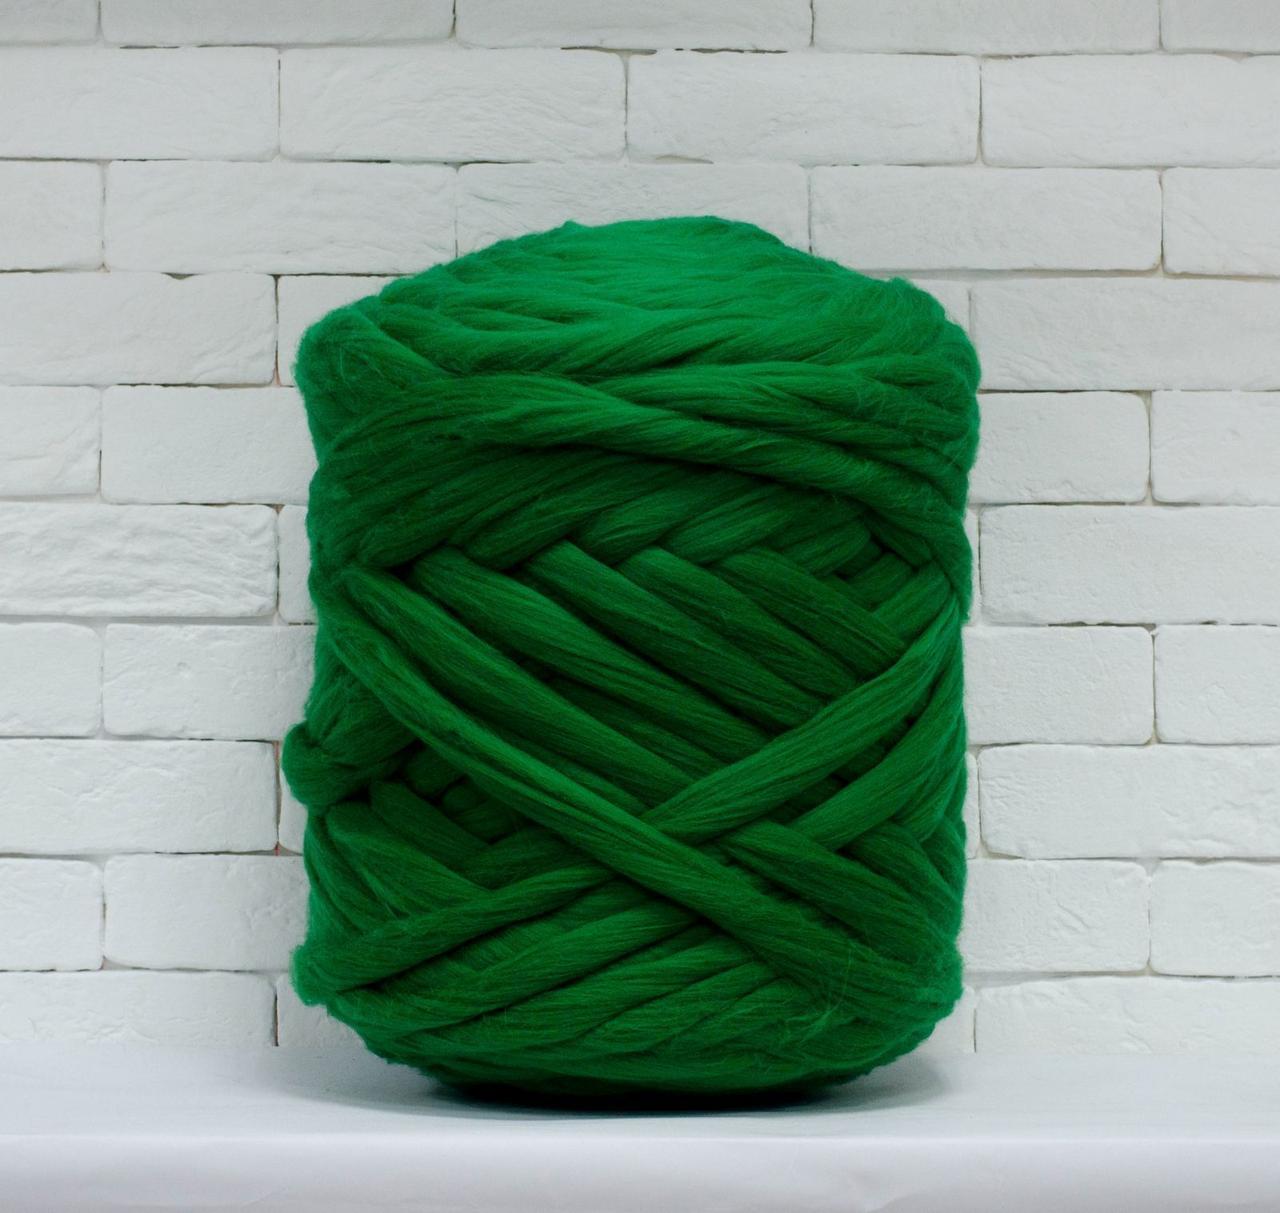 Товста, велика пряжа 100% вовна 1кг (40м). 25 мкрн. Колір: Зелений. Топсі. Стрічка для пледів